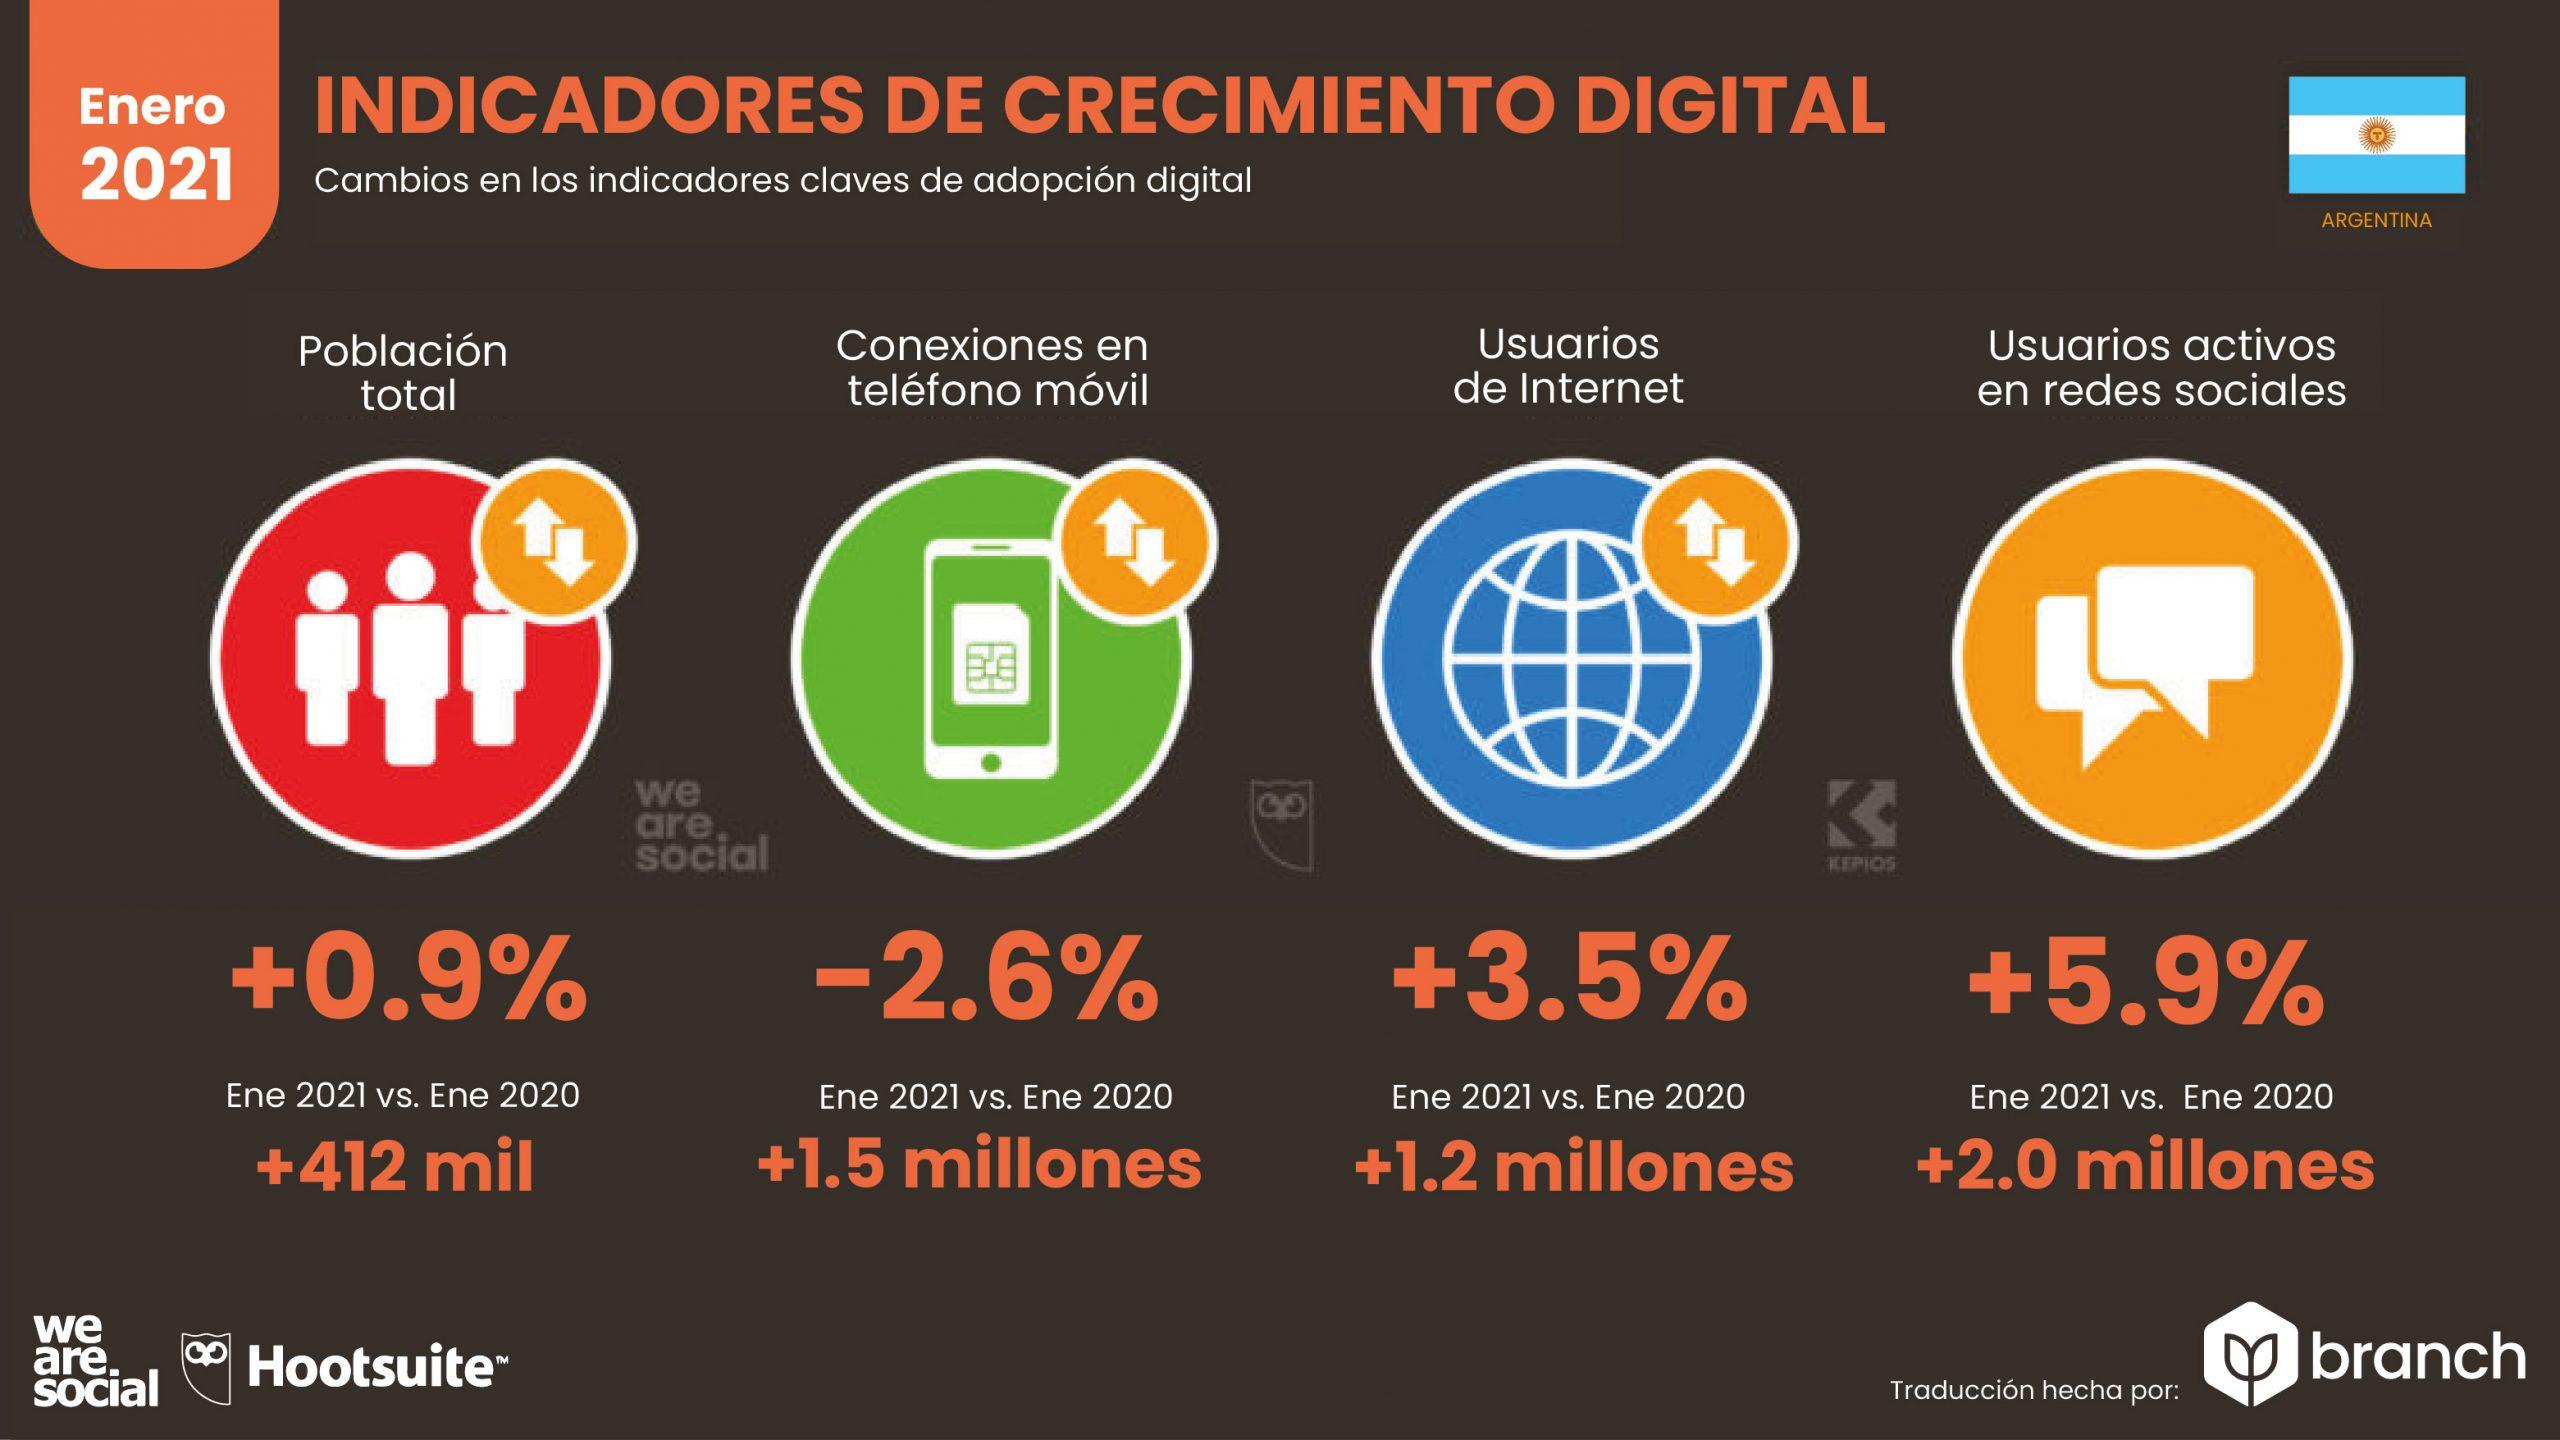 grafico-crecimiento-digital-argentina-2020-2021